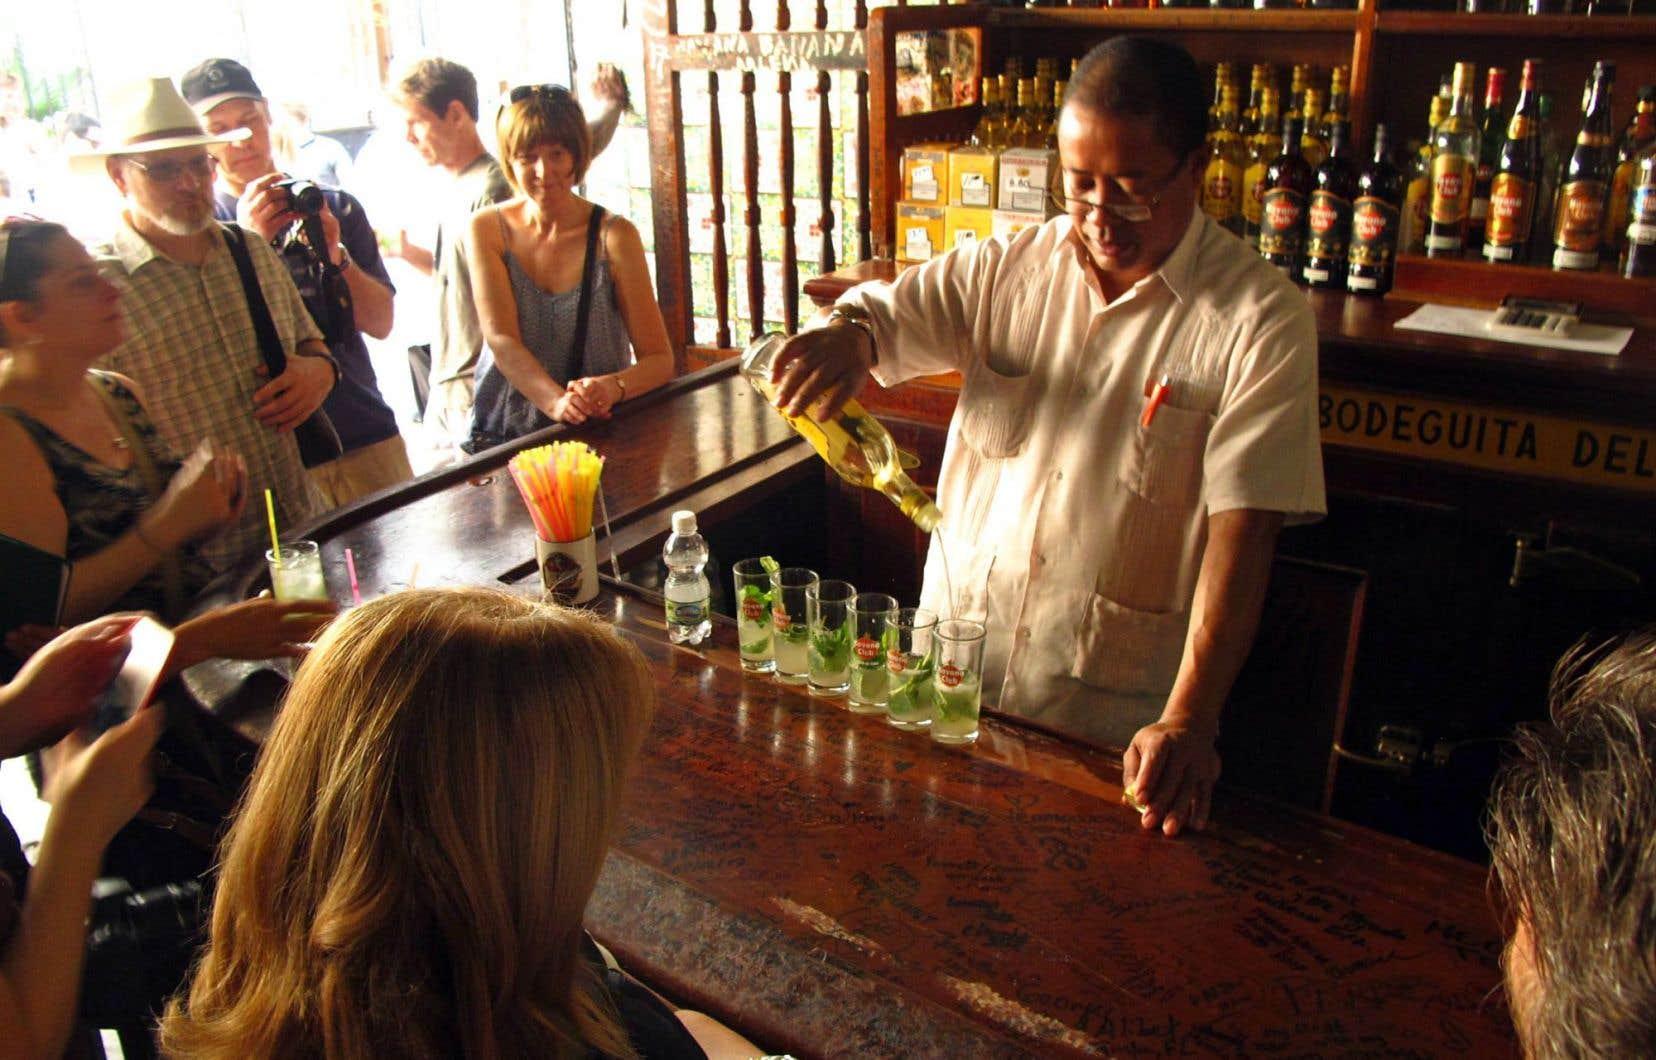 Les touristes s'agglutinent dans le petit bar mythique où Ernest Hemingway avait ses habitudes — et ses mojitos — à La Havane.